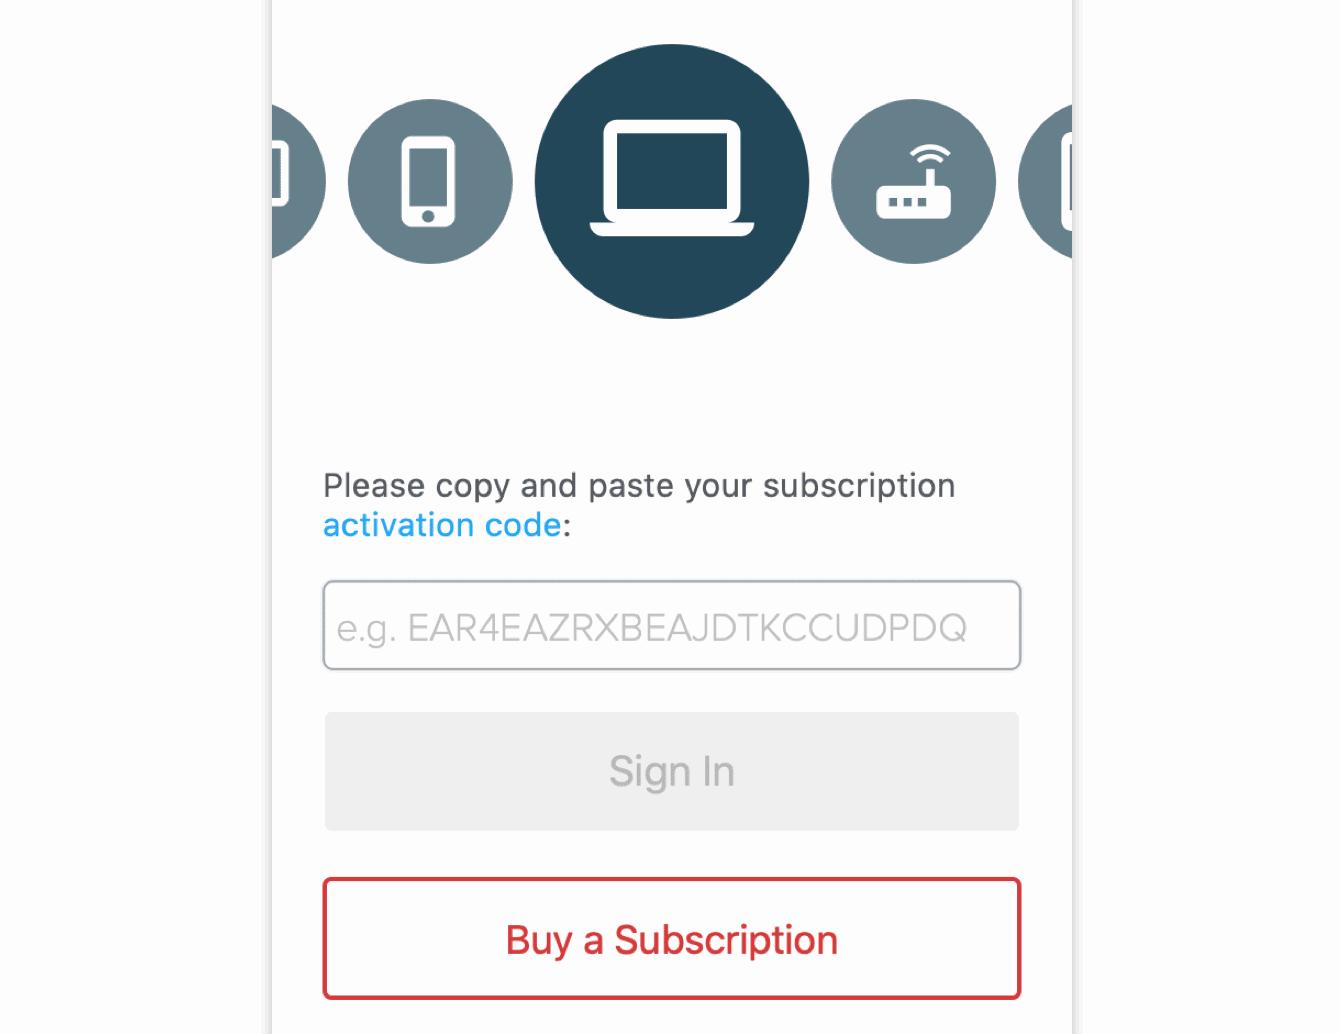 粘贴您的激活码以登录。